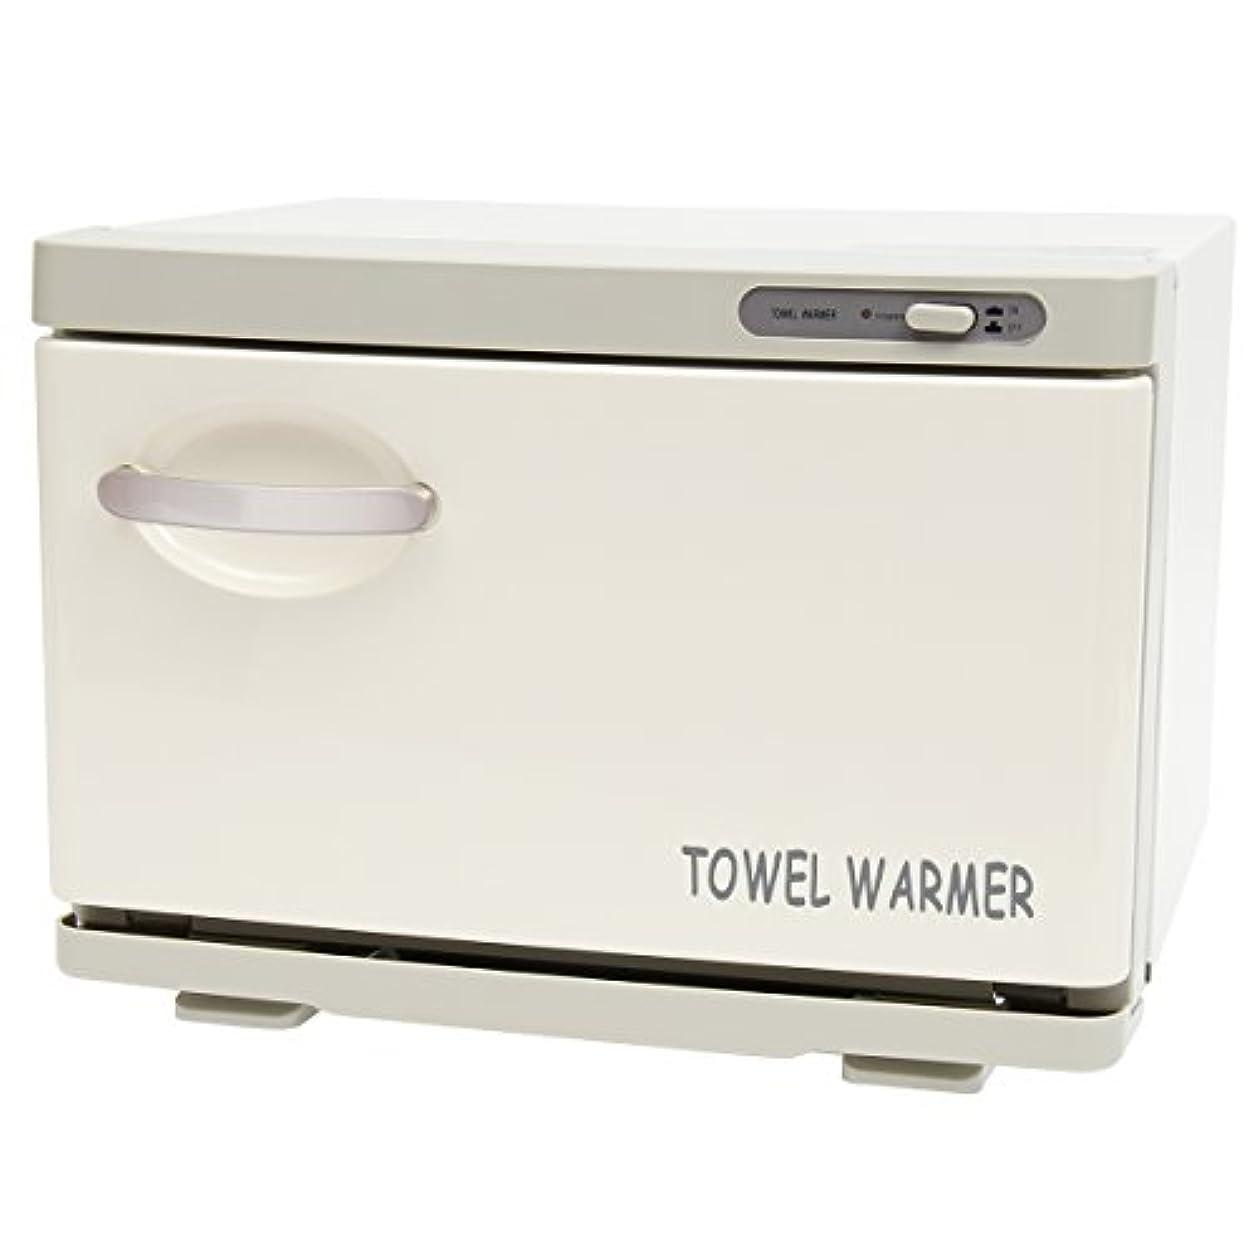 離す限られたブラストタオルウォーマー SH (前開き) 7.5L [ タオル蒸し器 おしぼり蒸し器 タオルスチーマー ホットボックス タオル おしぼり ウォーマー スチーマー 小型 業務用 保温器 ]